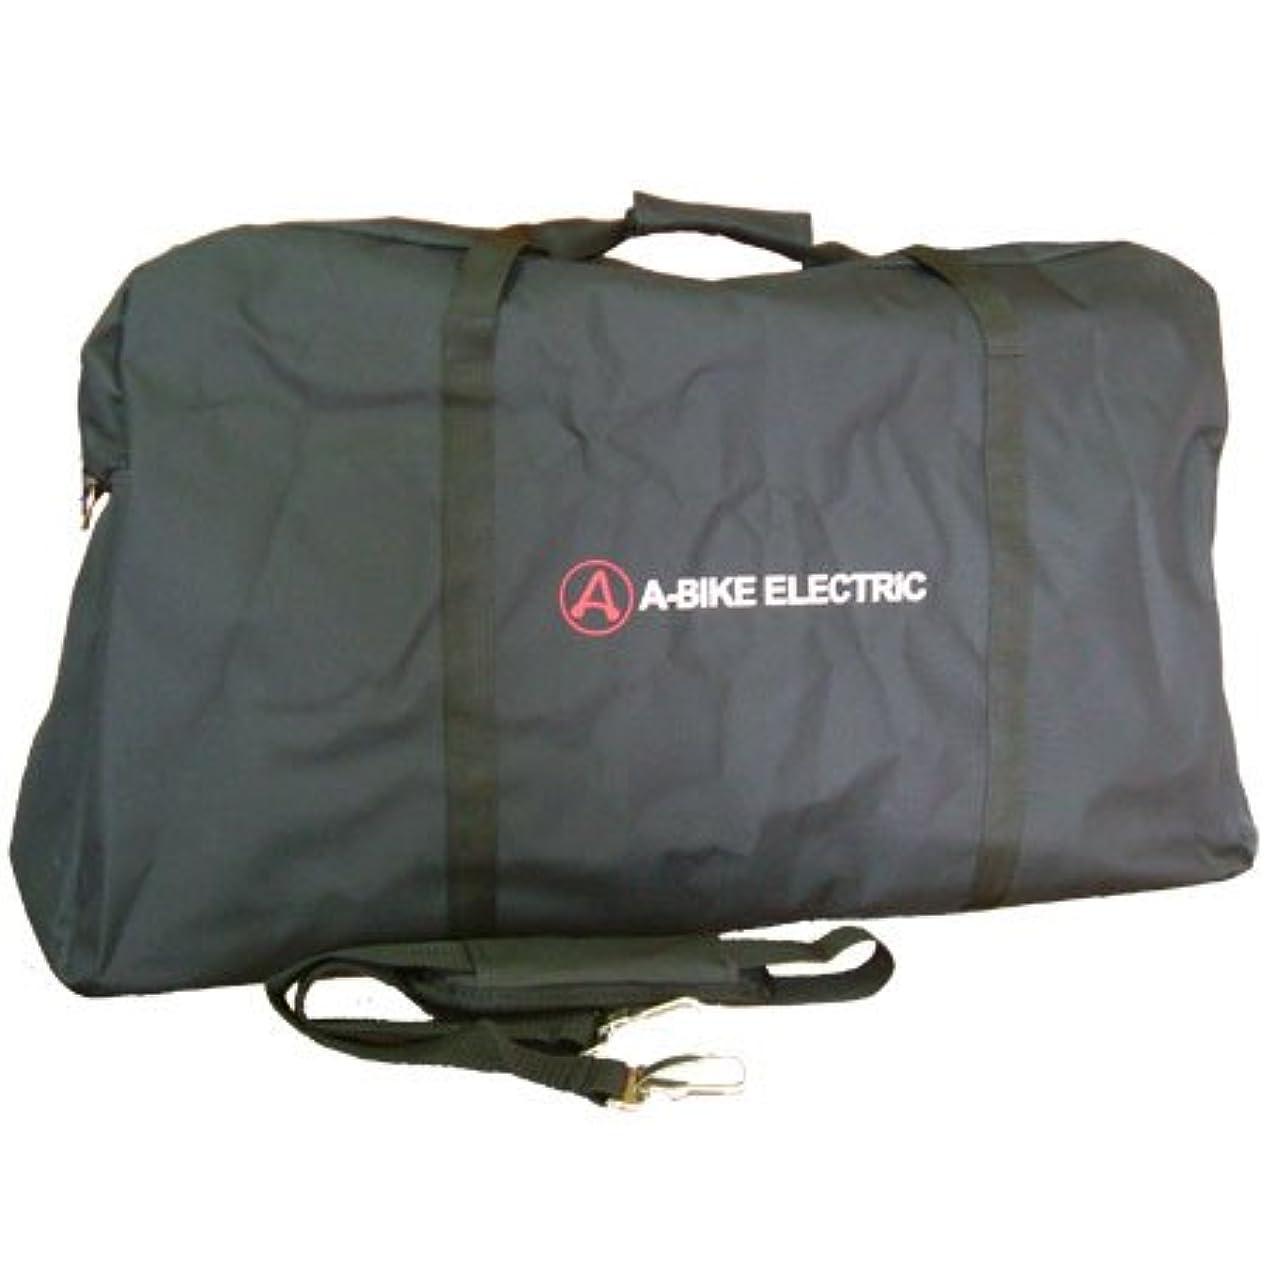 スペルタービン種電動アシストA-bike 「A-bike electric」折りたたみ自転車専用バッグ(輪行バッグ)